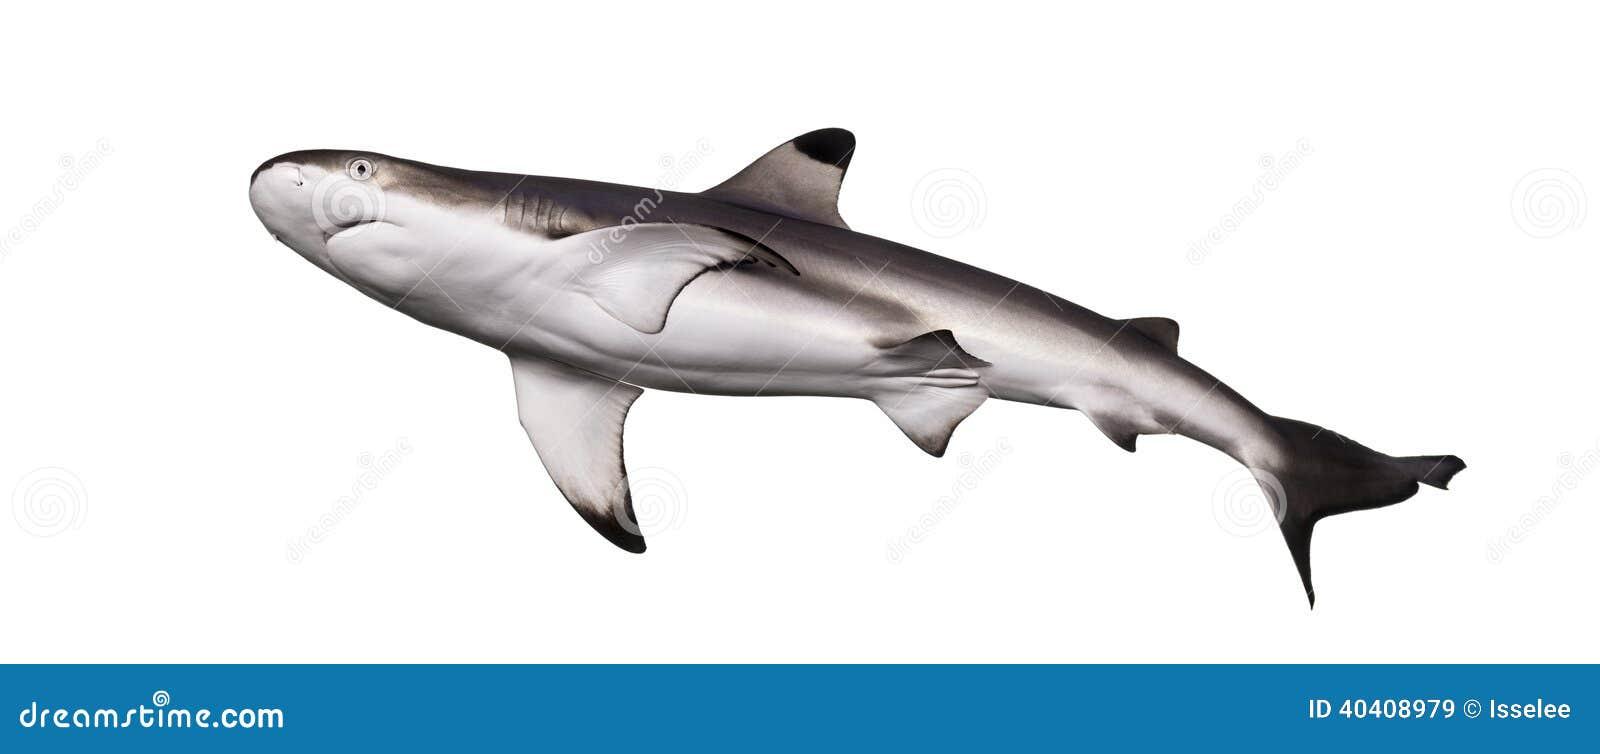 Schwarzspitzen-Riffhai von unterhalb angesehen